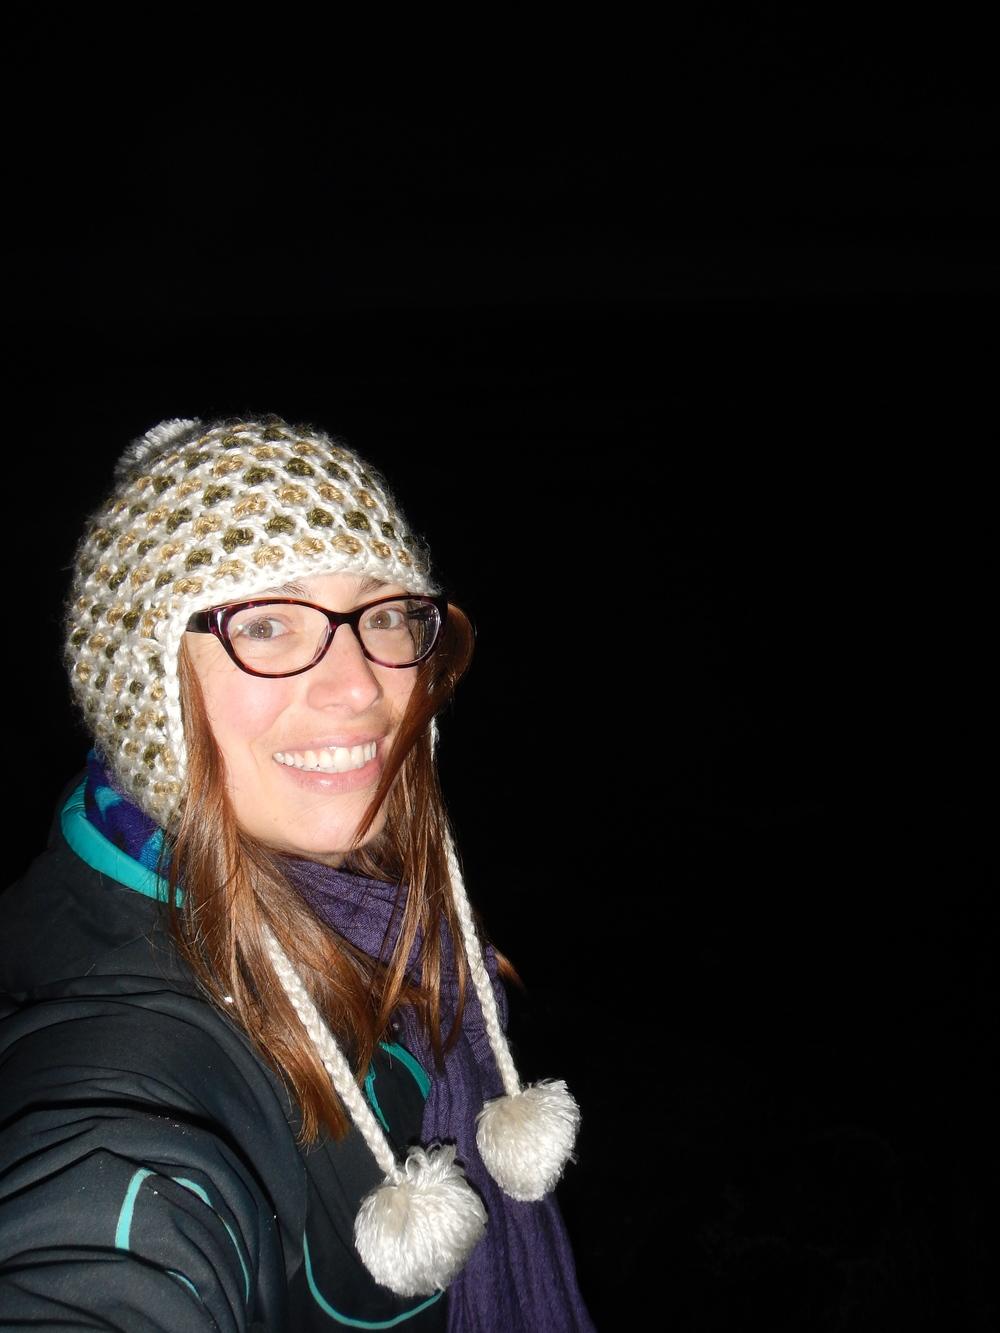 Enjoying my night hikes.